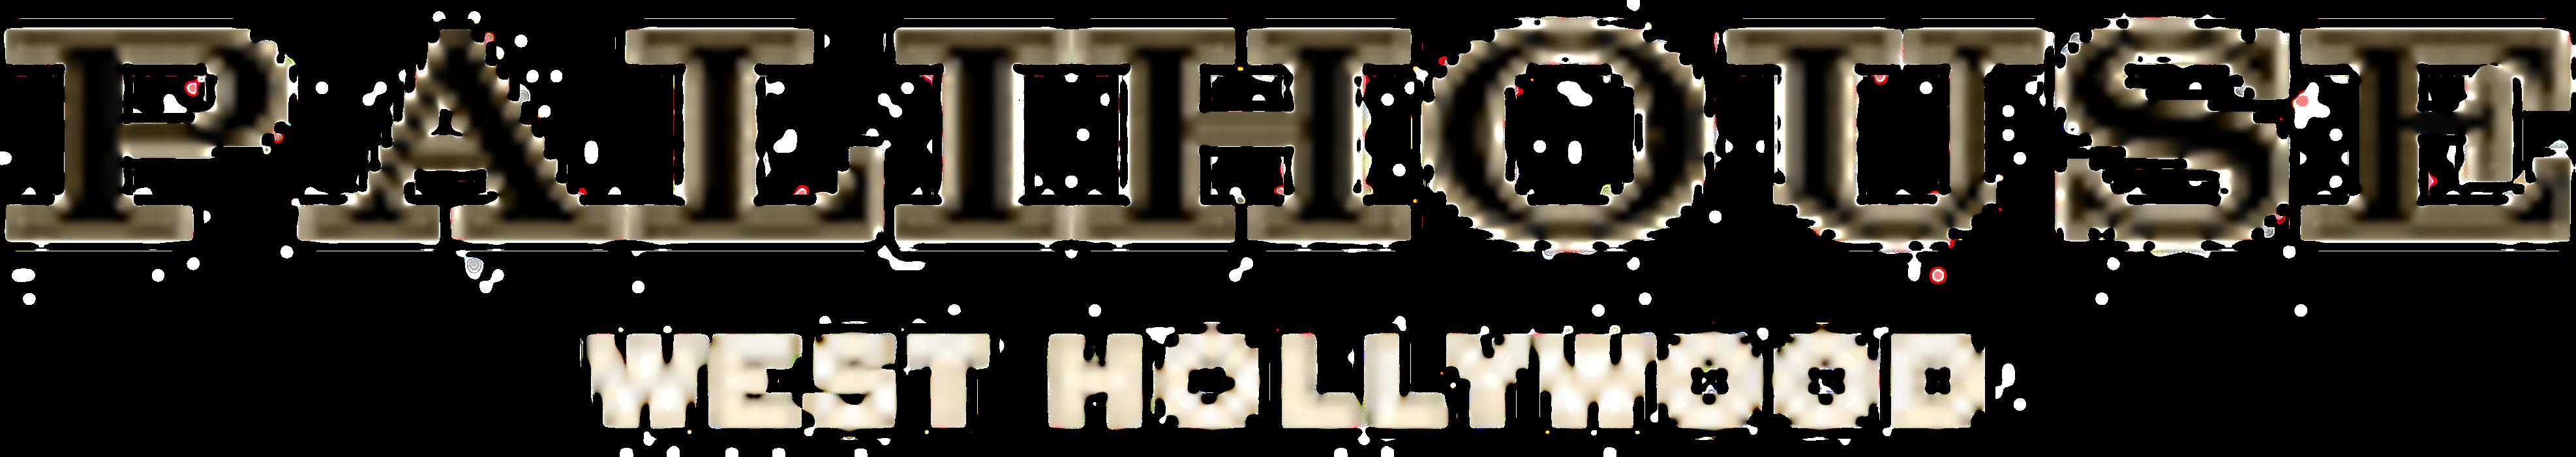 Palihouse West Hollywood